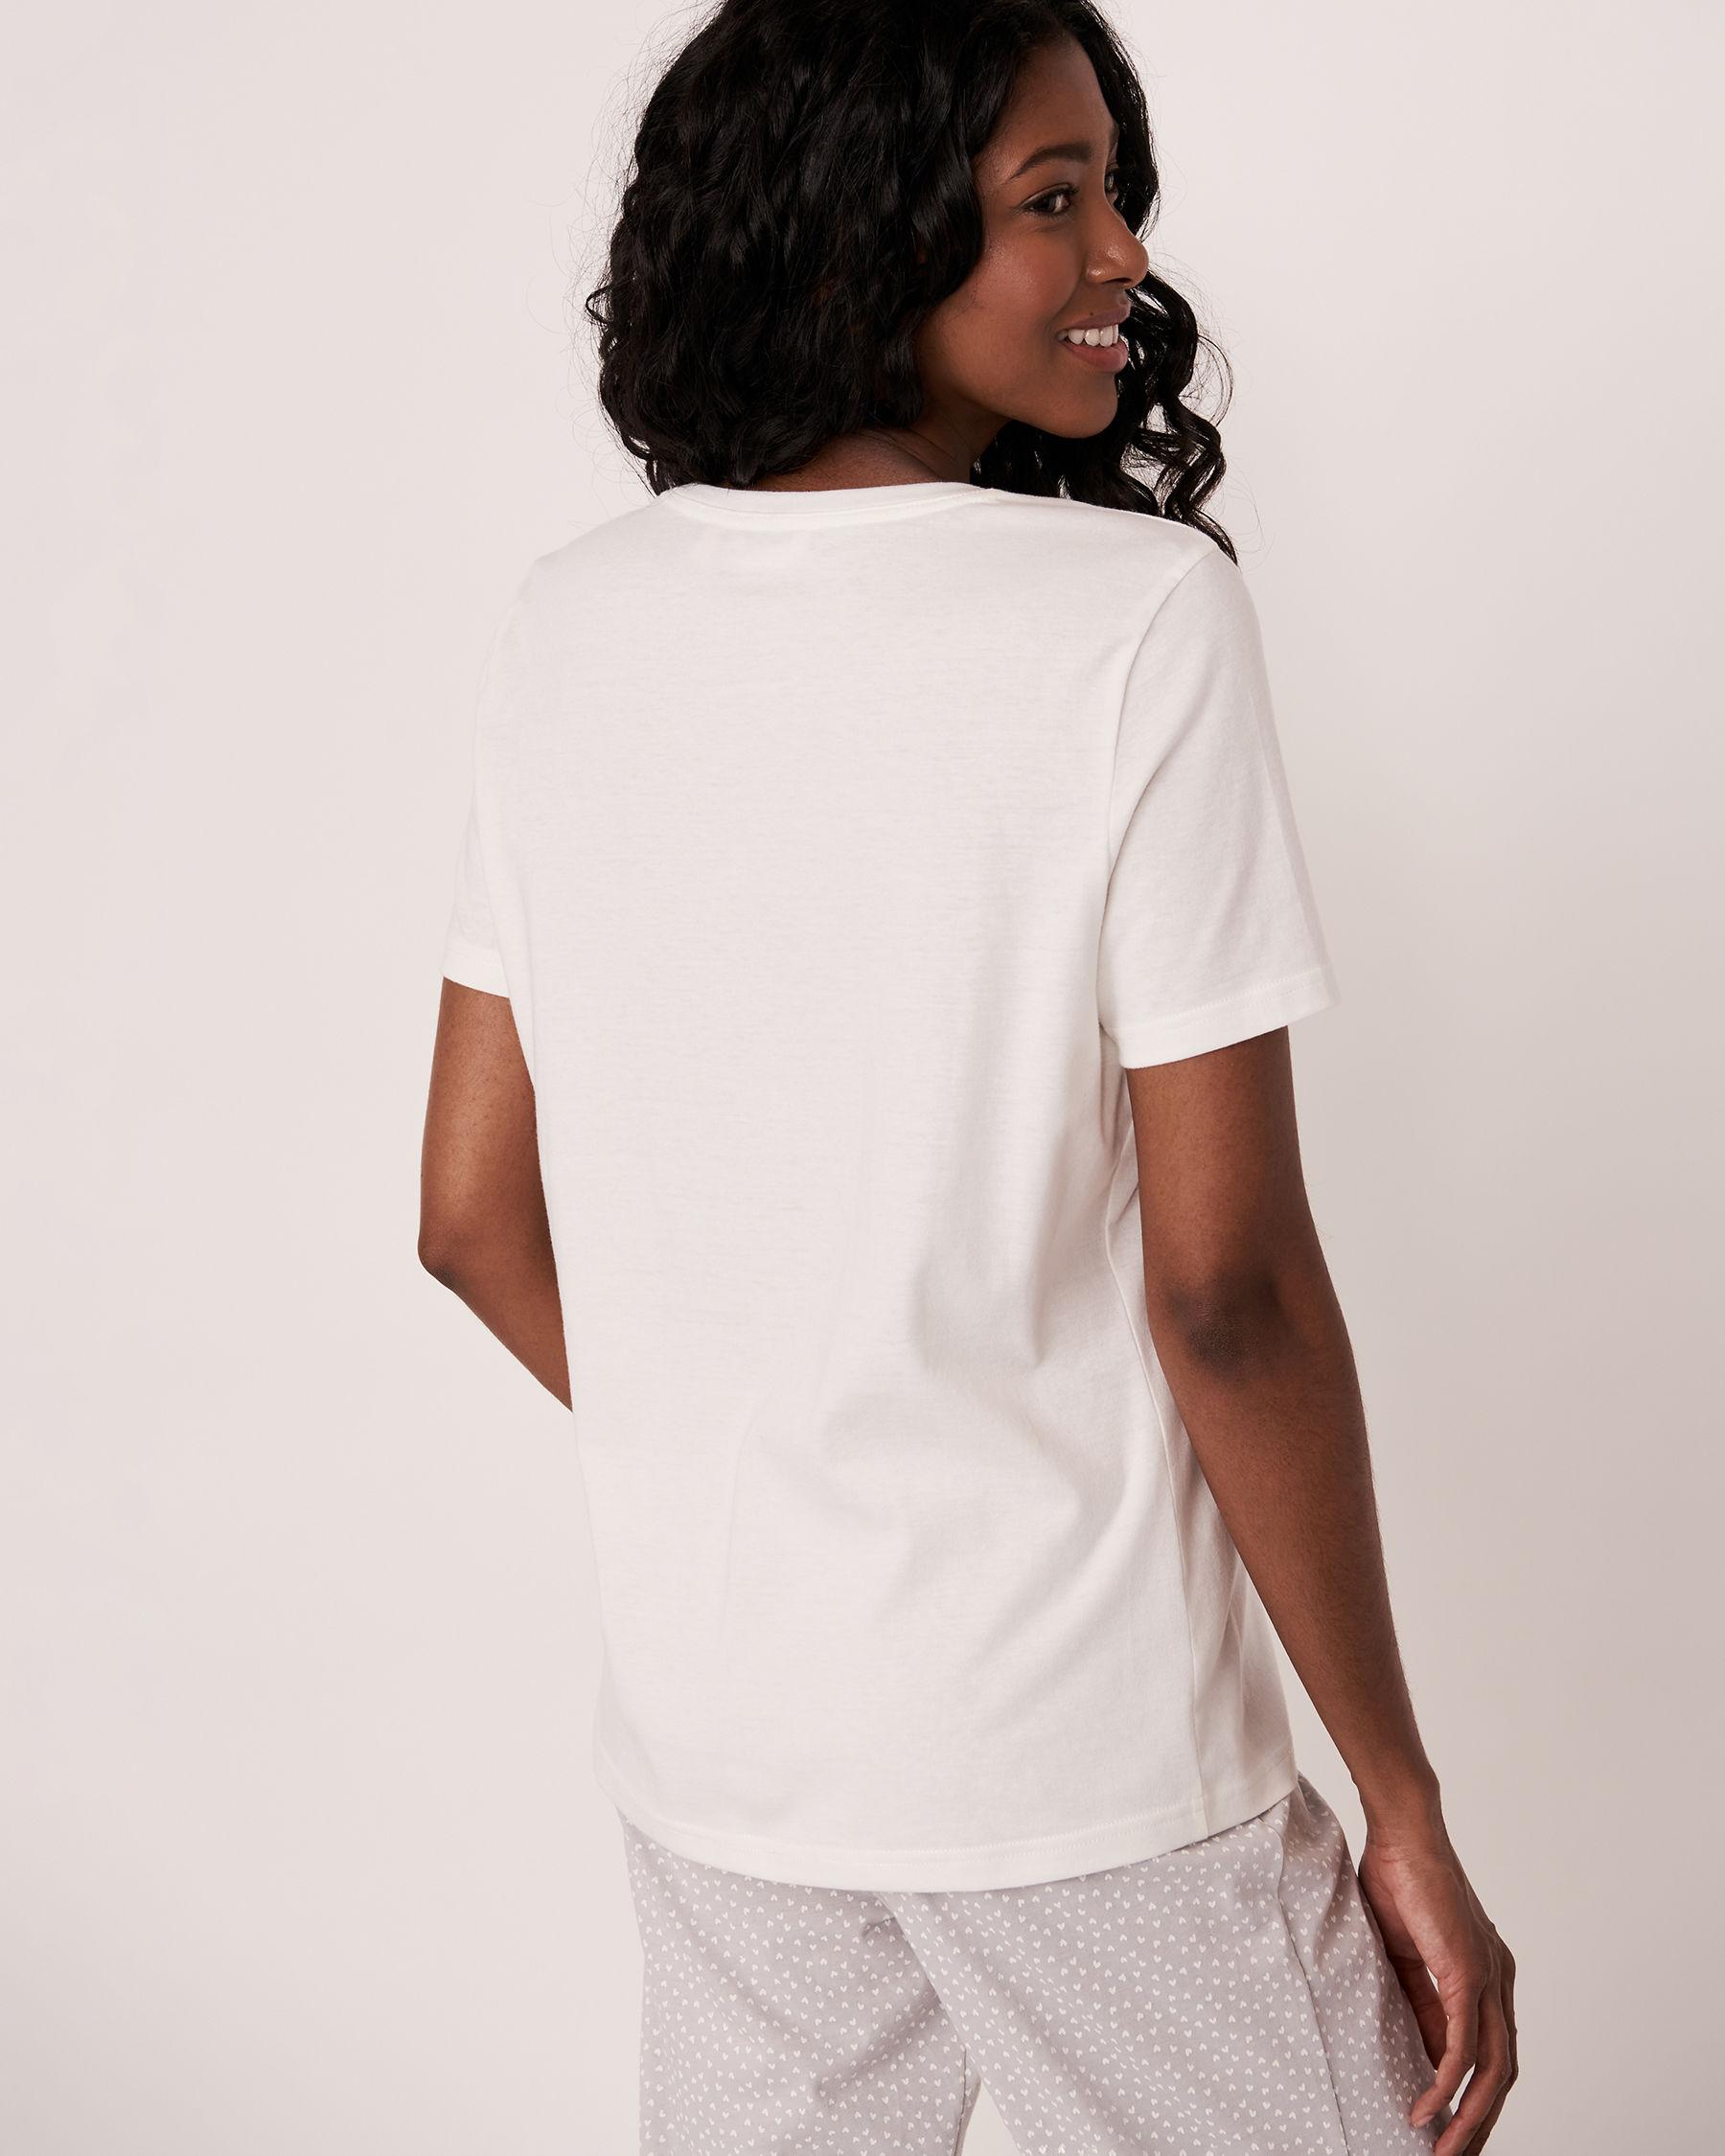 LA VIE EN ROSE V-neckline T-shirt White 40100109 - View2